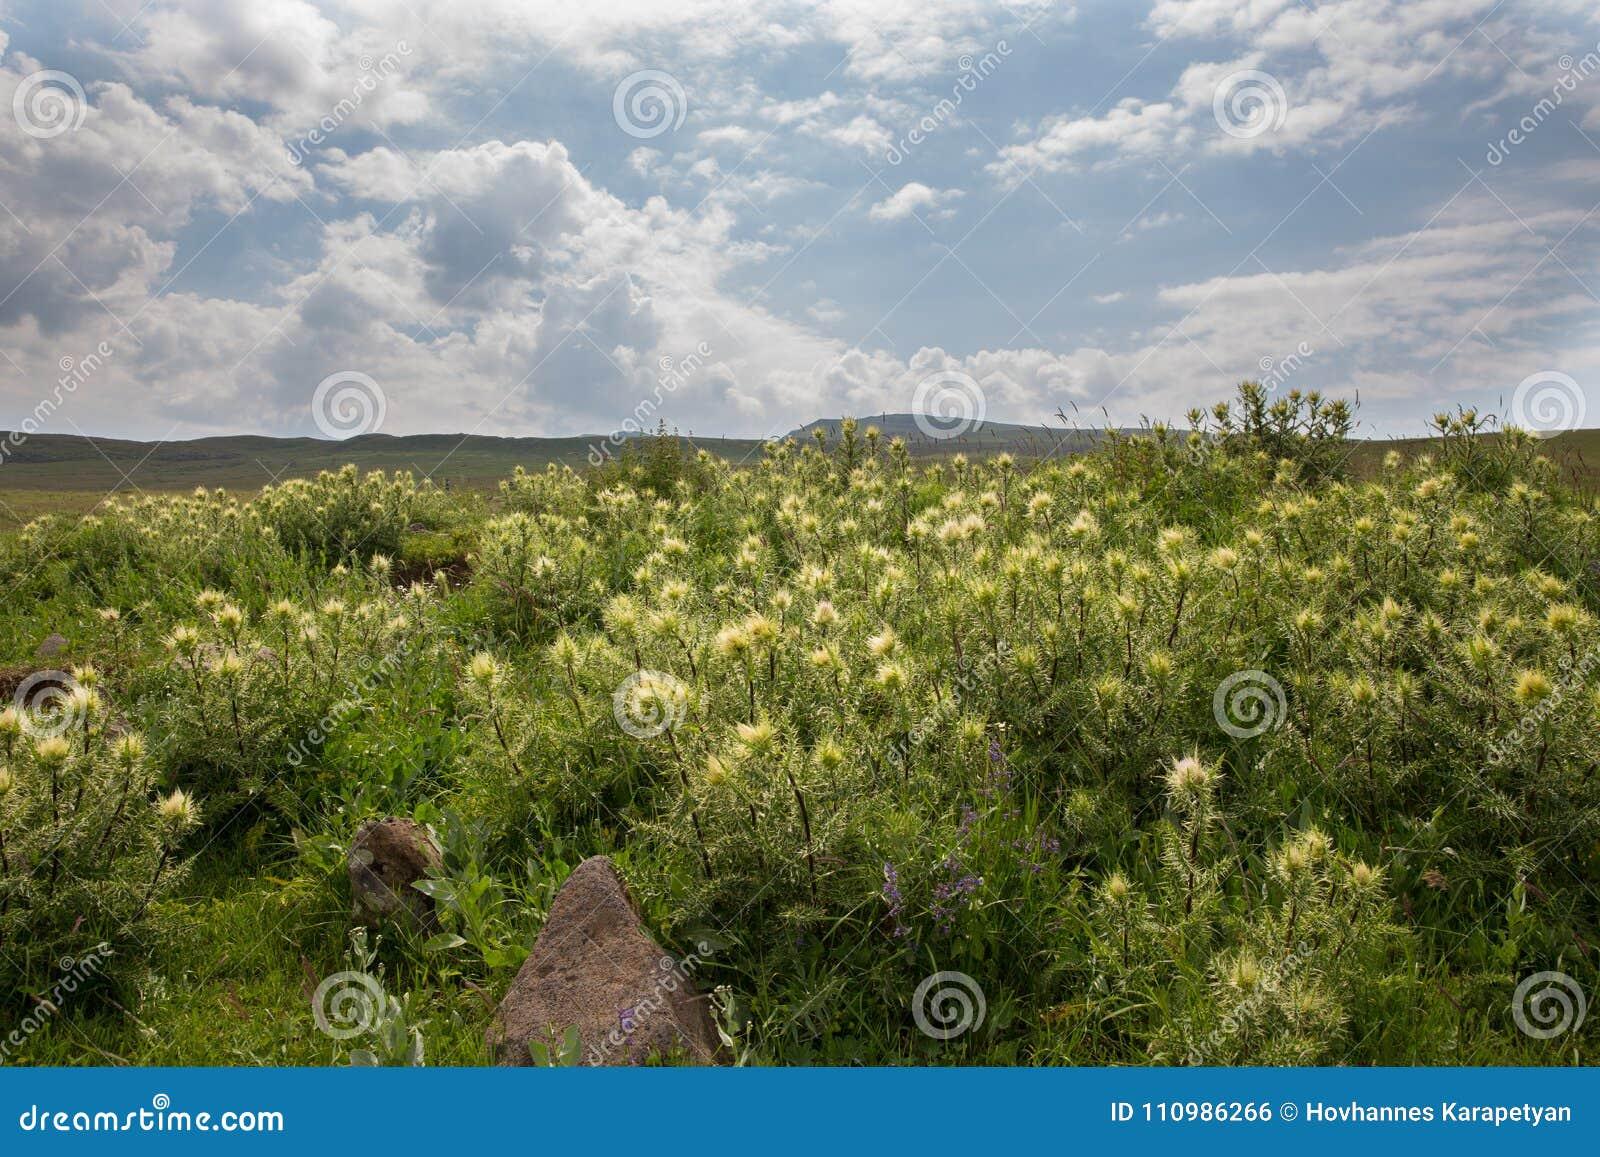 Flowers Mountain flowers wild flowers